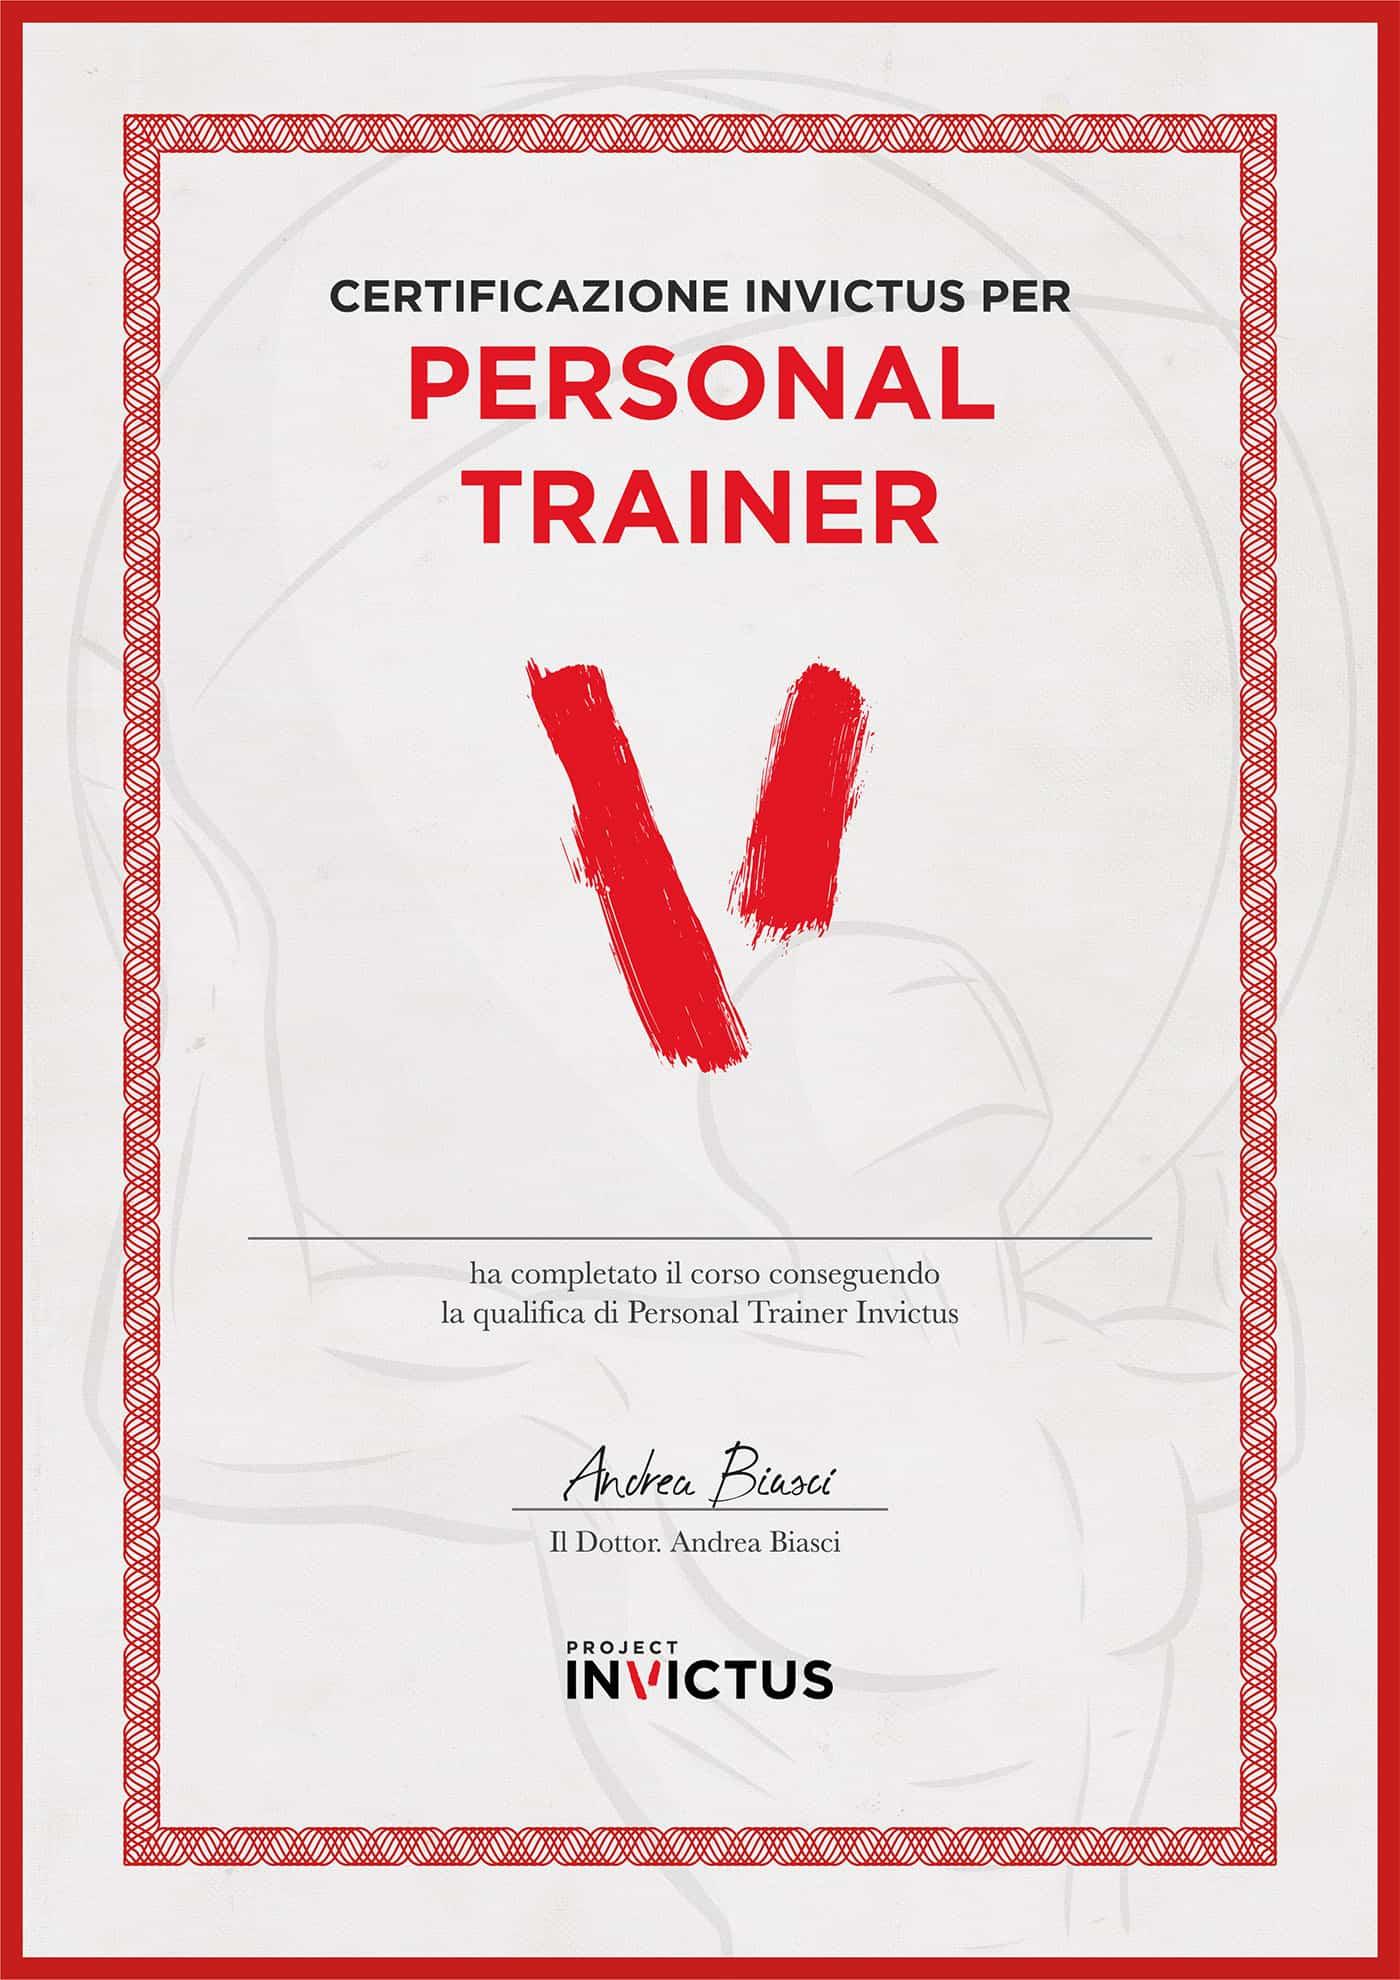 invictus trainer attestato certificazione